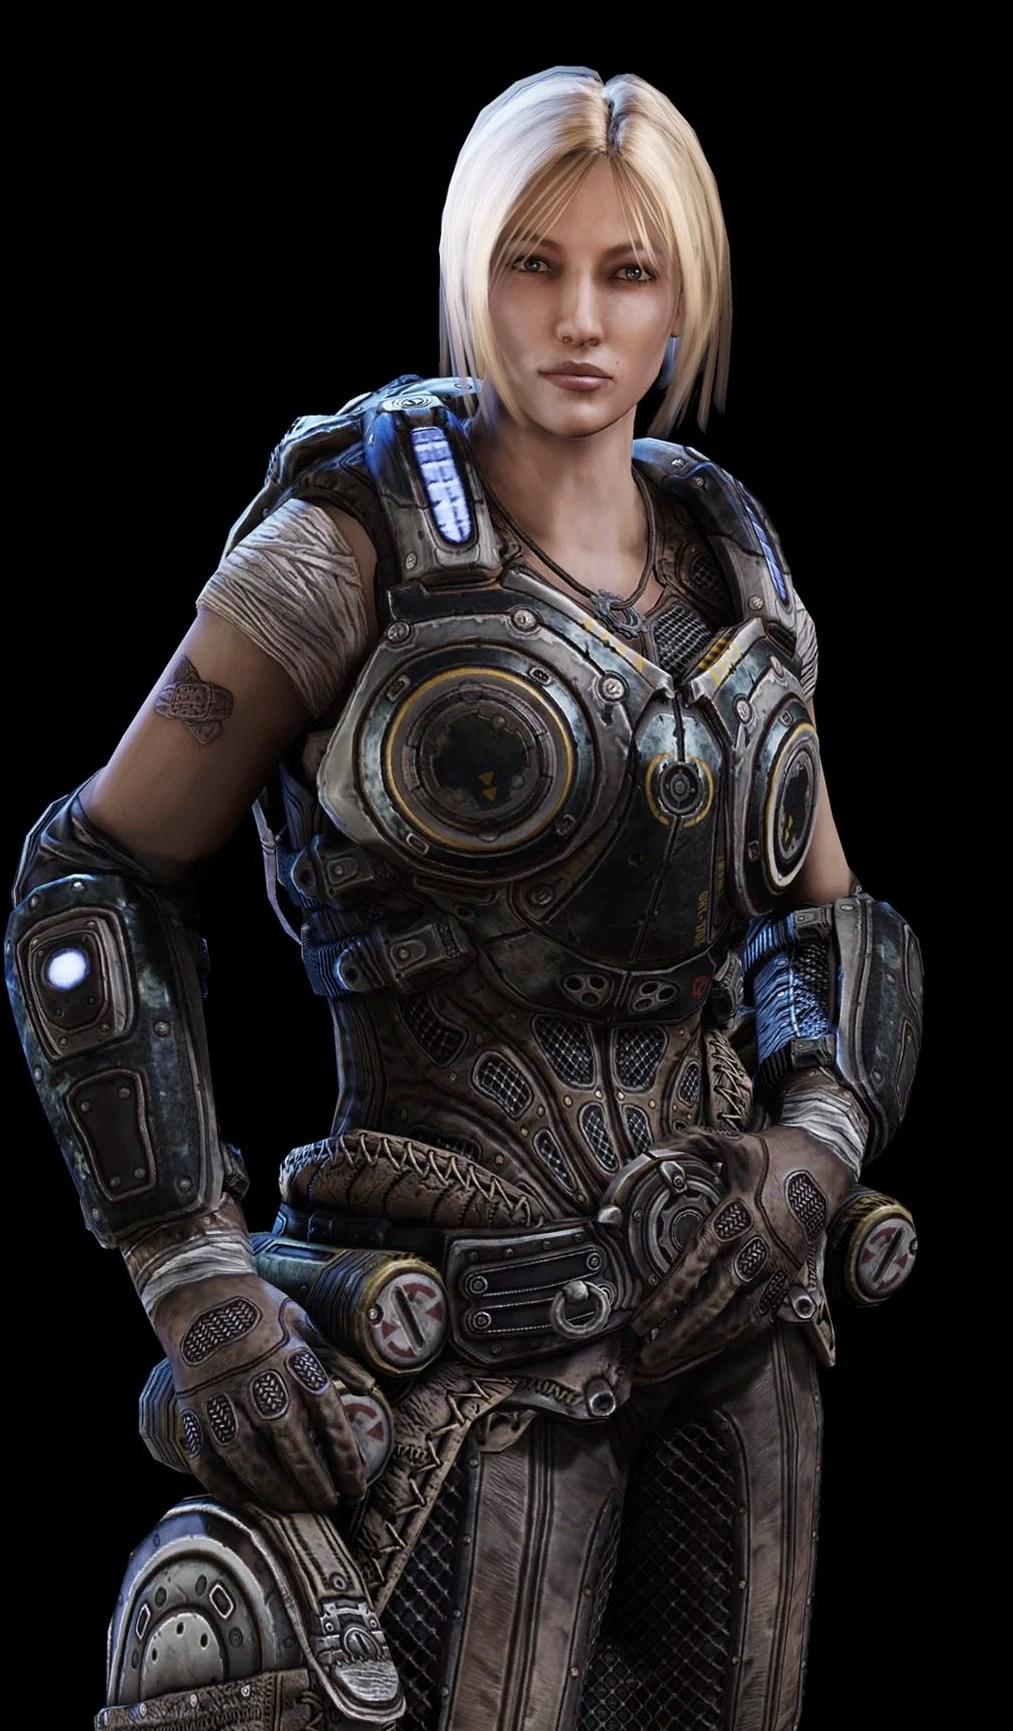 Anya Stroud   Gears of War   FANDOM powered by Wikia